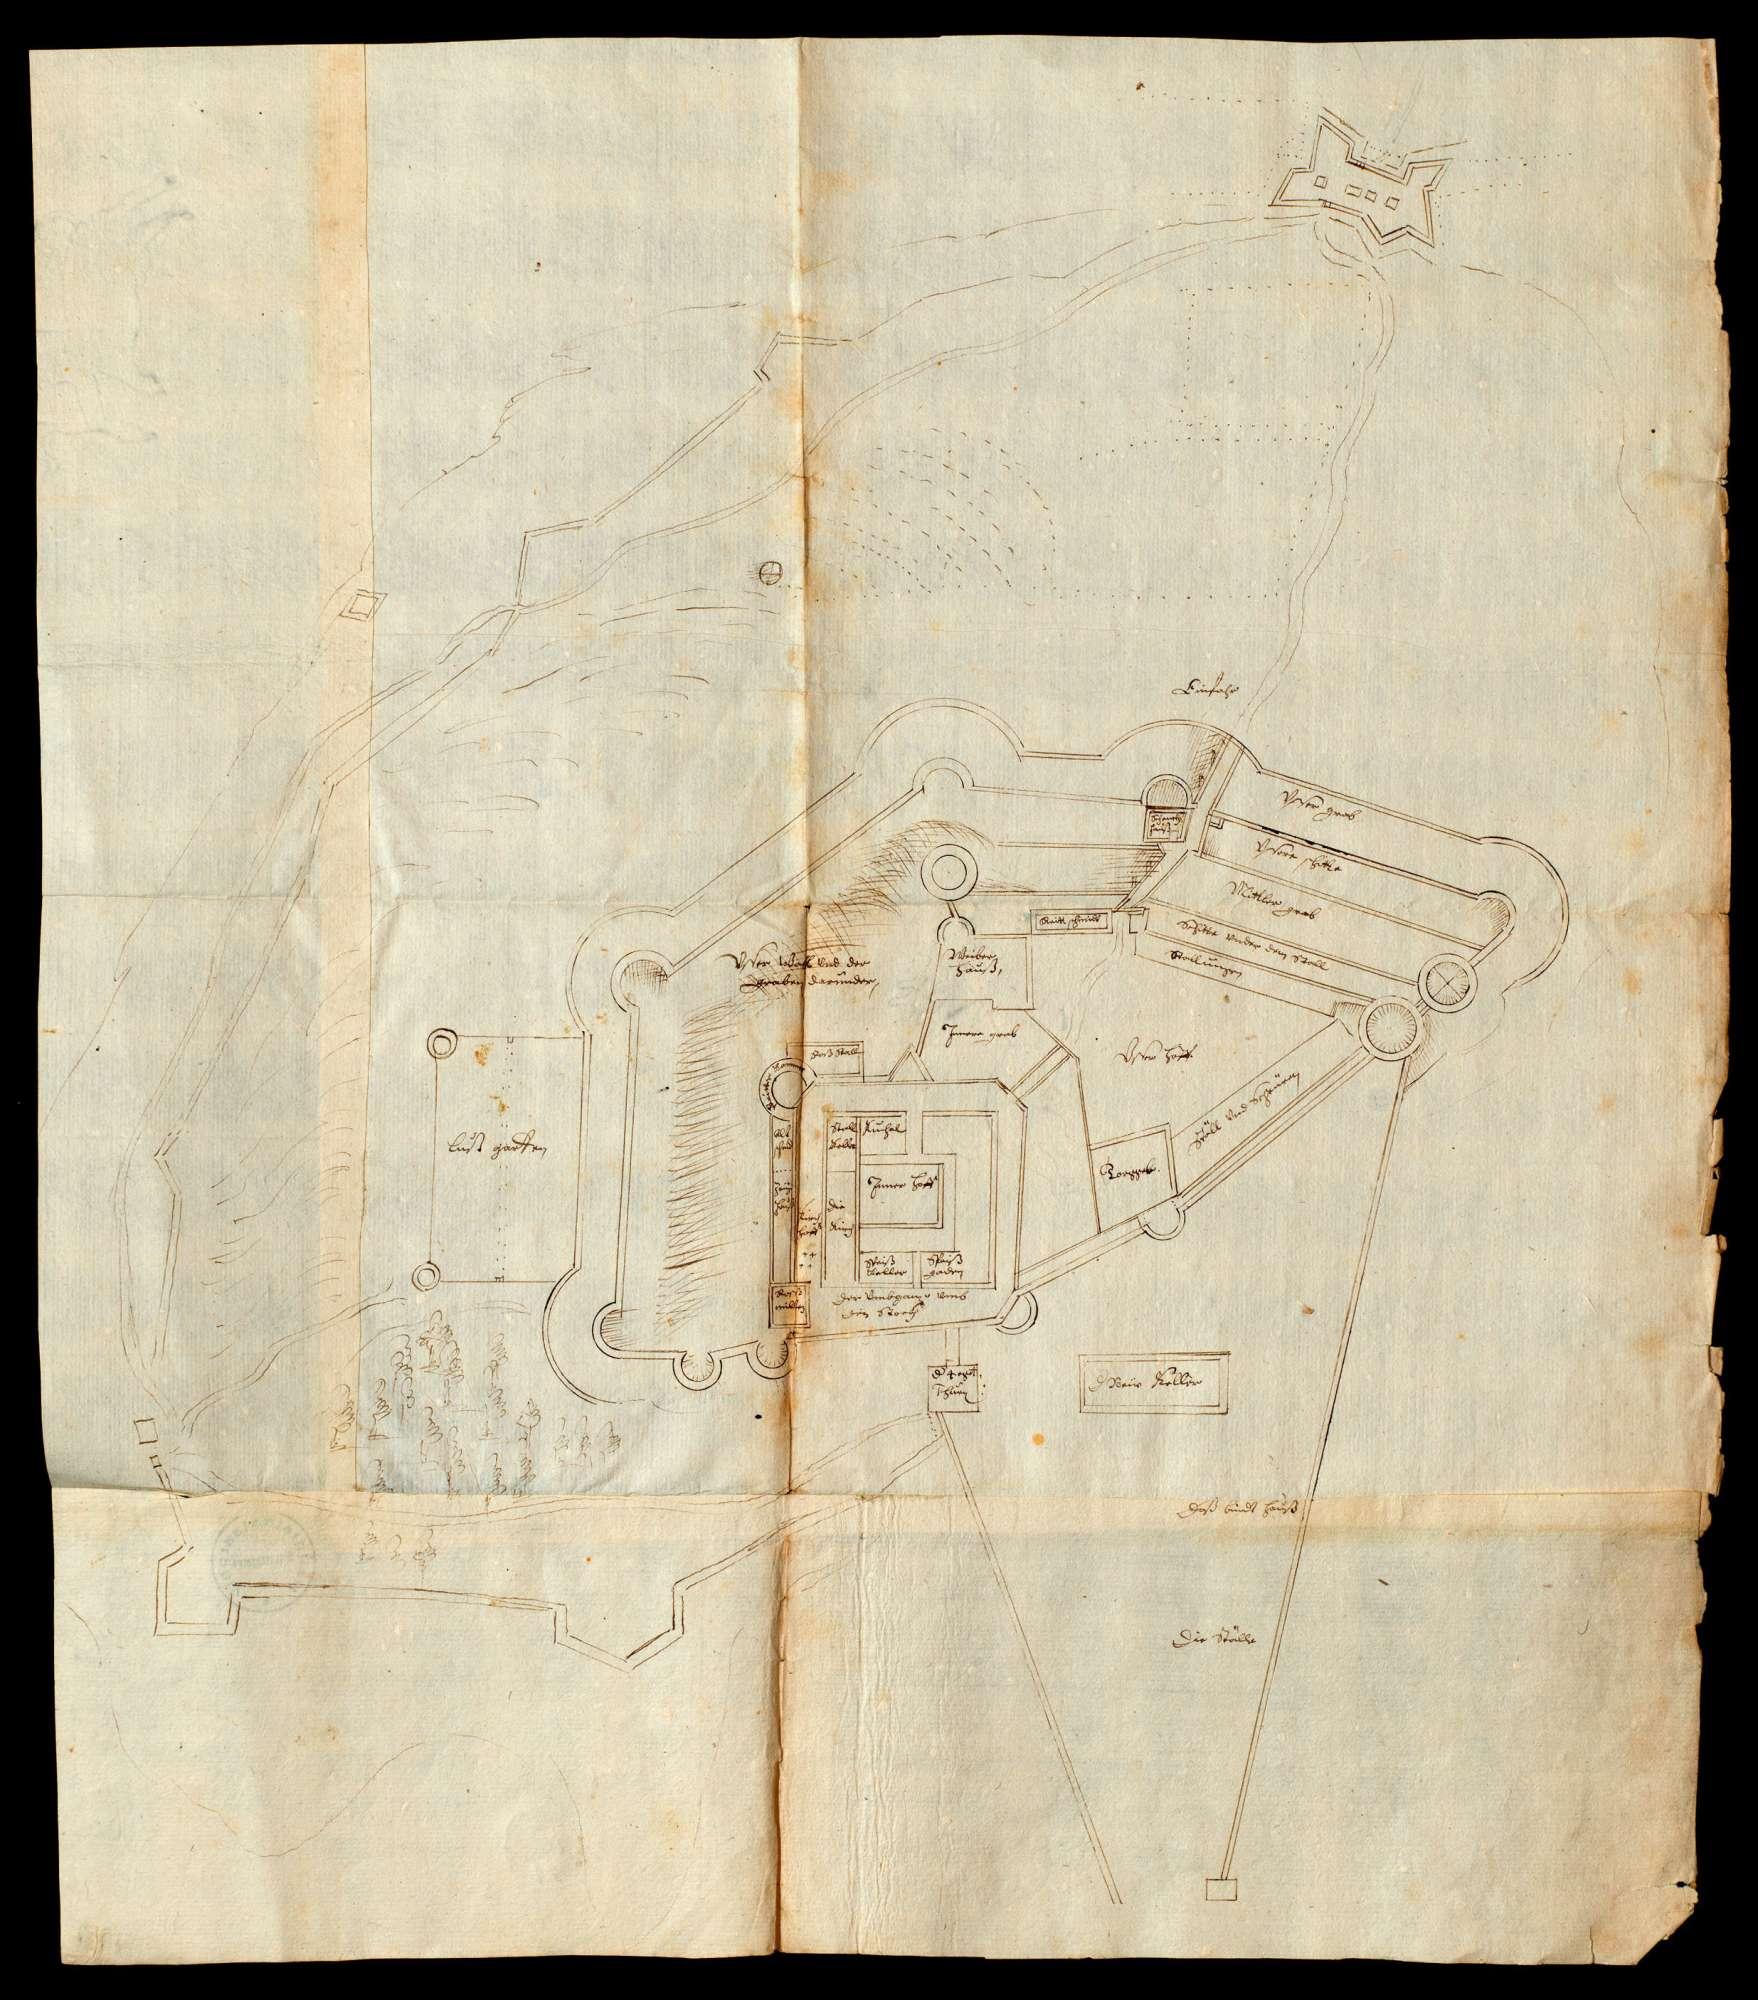 Insel Mainau Karte.Drei Grundrisse Der Insel Mainau Je Mit Angabe Der Teile Der Burg